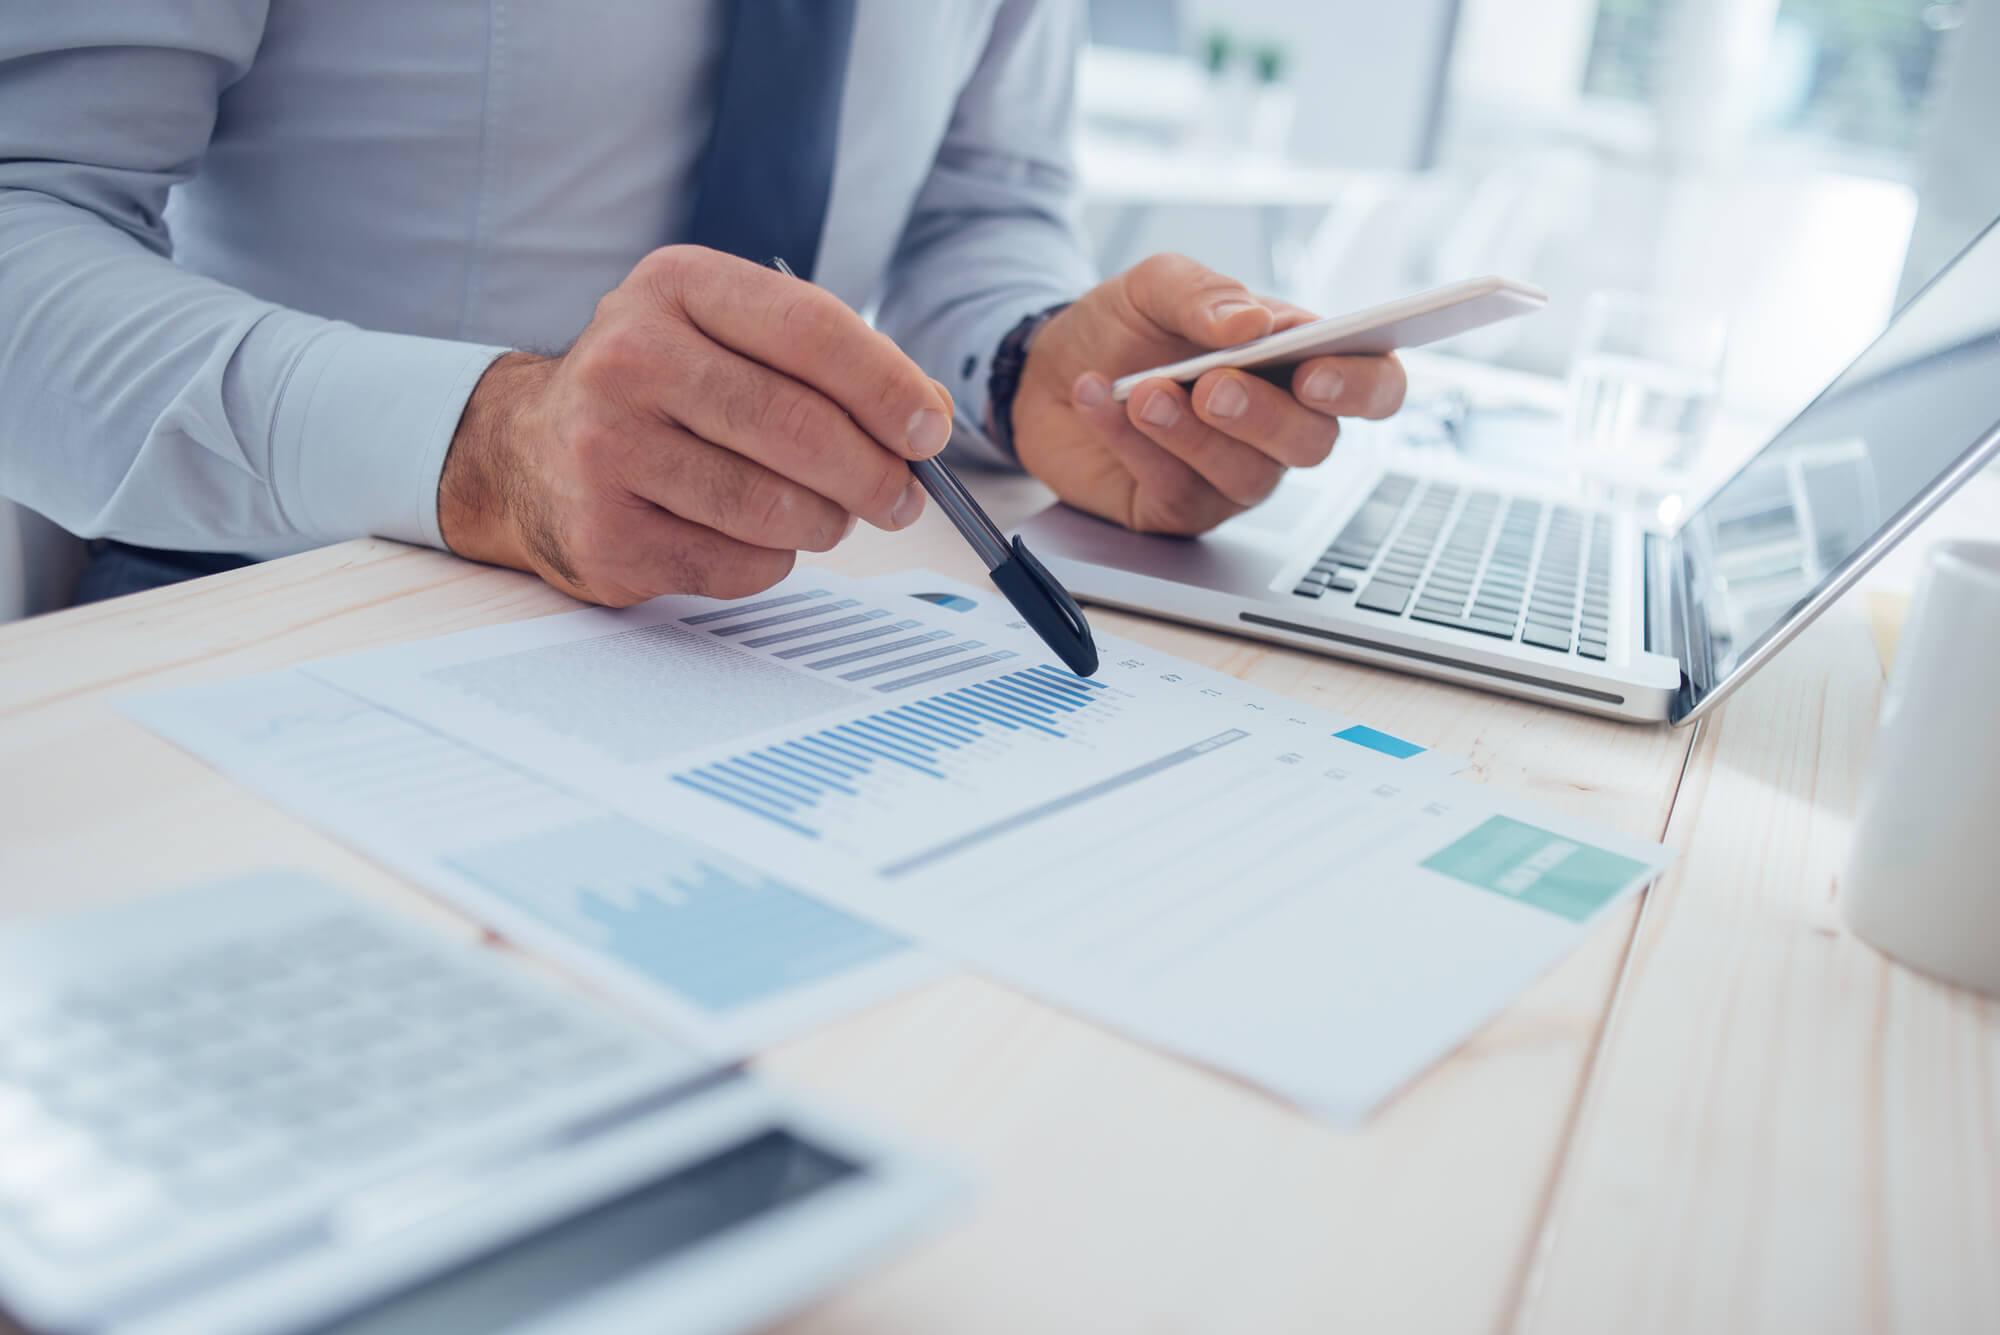 Manter a rentabilidade com o passar dos anos: 5 formas para obter mais lucro